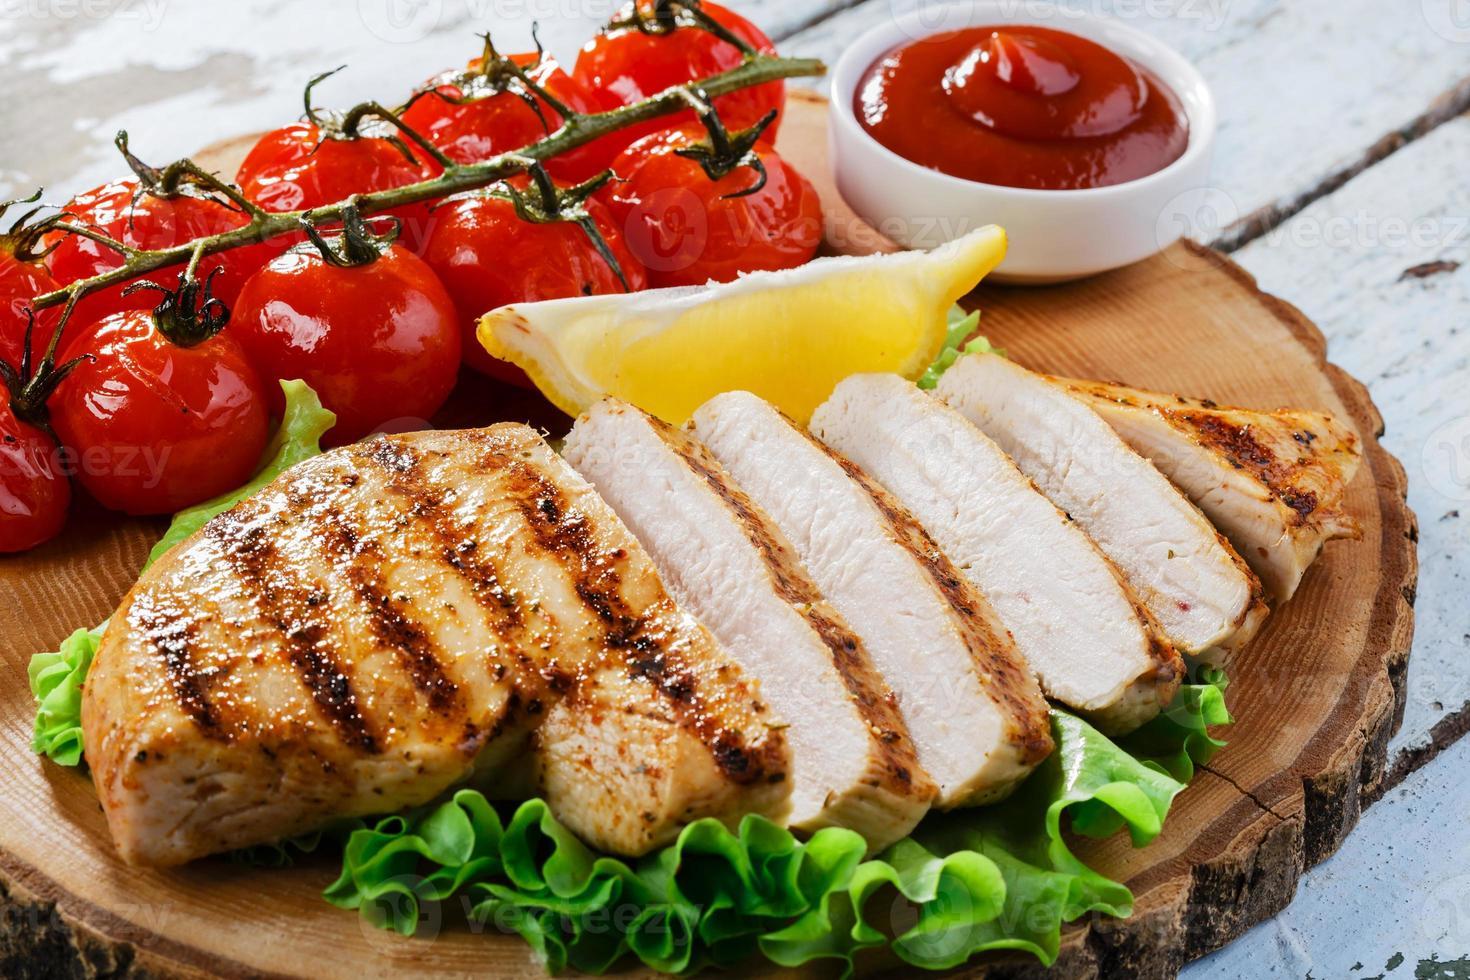 filete de pollo parrilla salsa de verduras foto